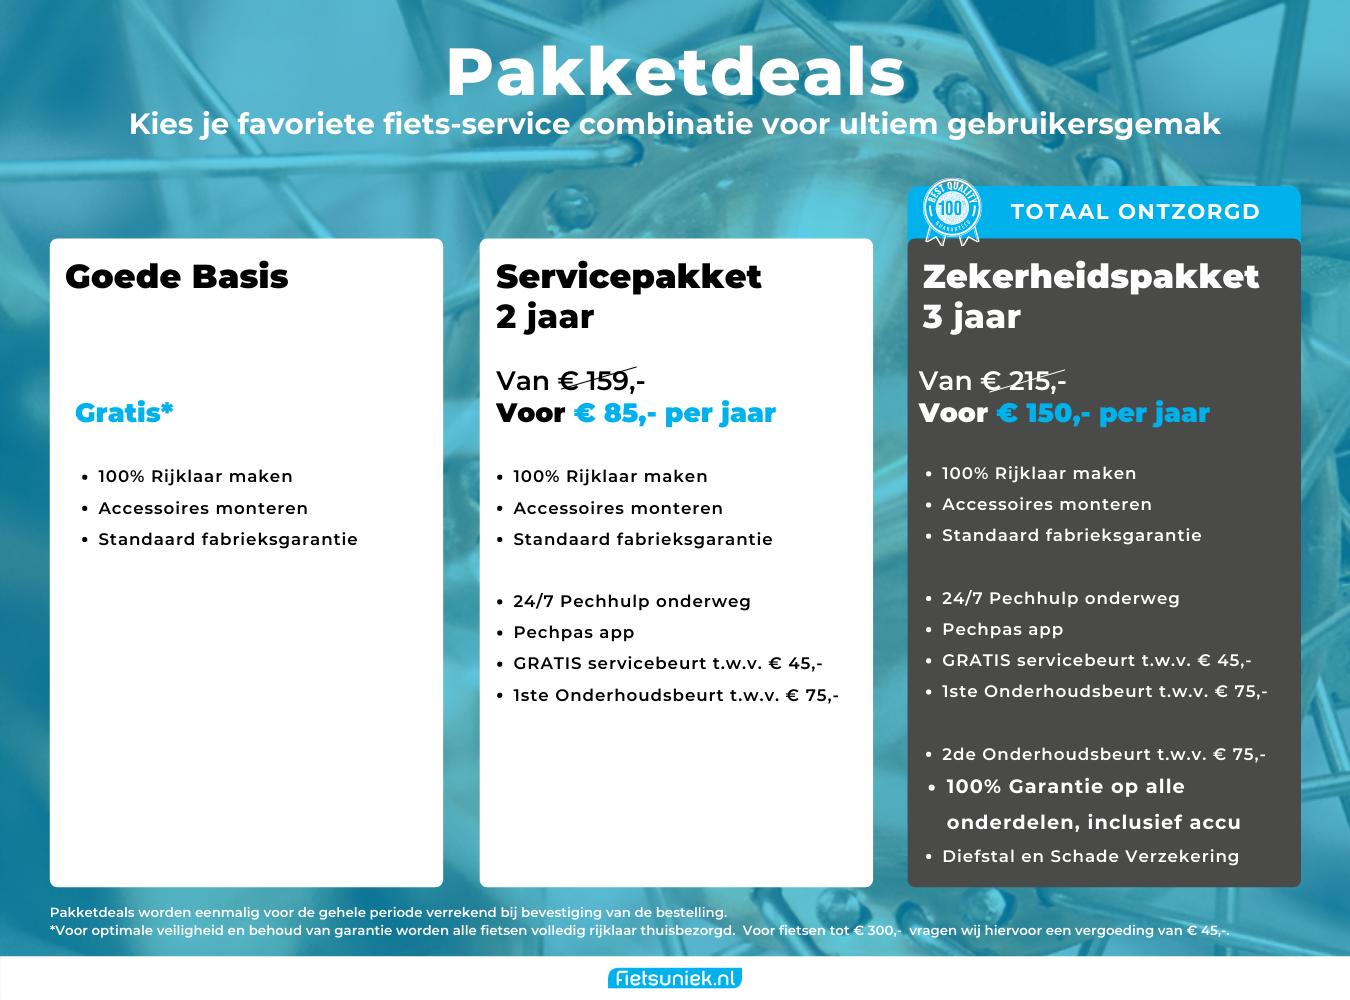 Fietsuniek.nl pakketdeals prijzen